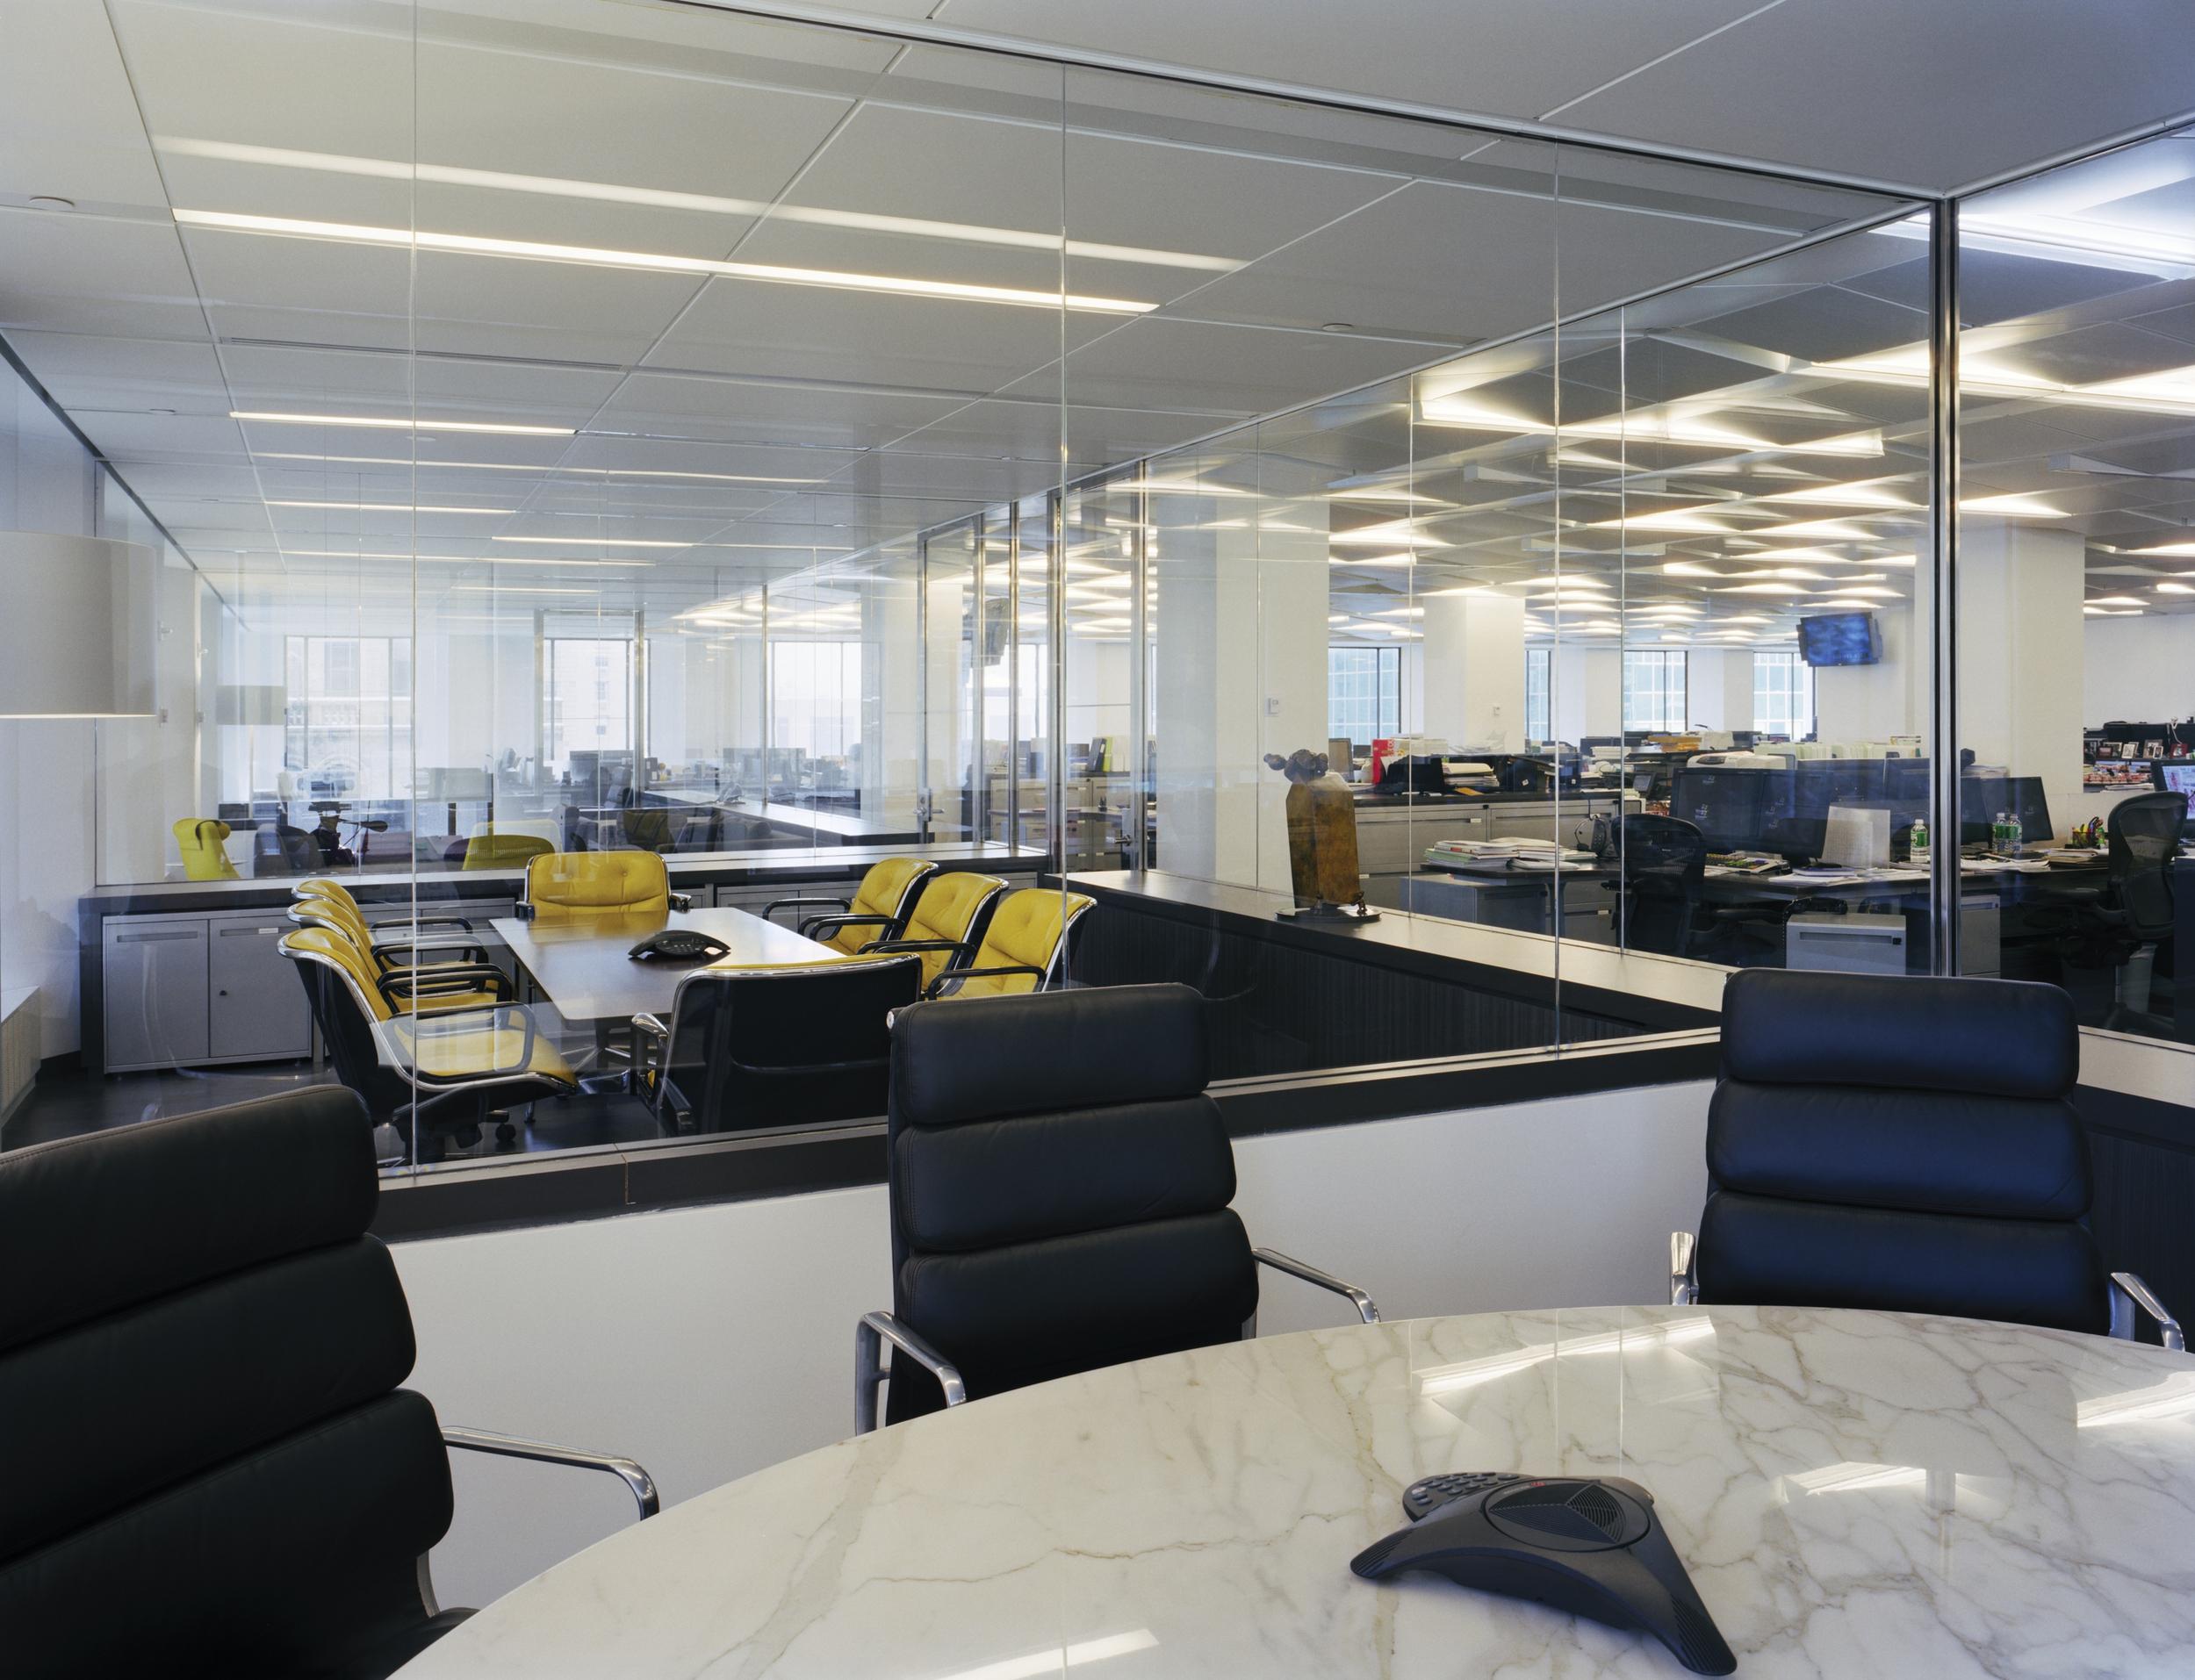 02 Office space.jpg